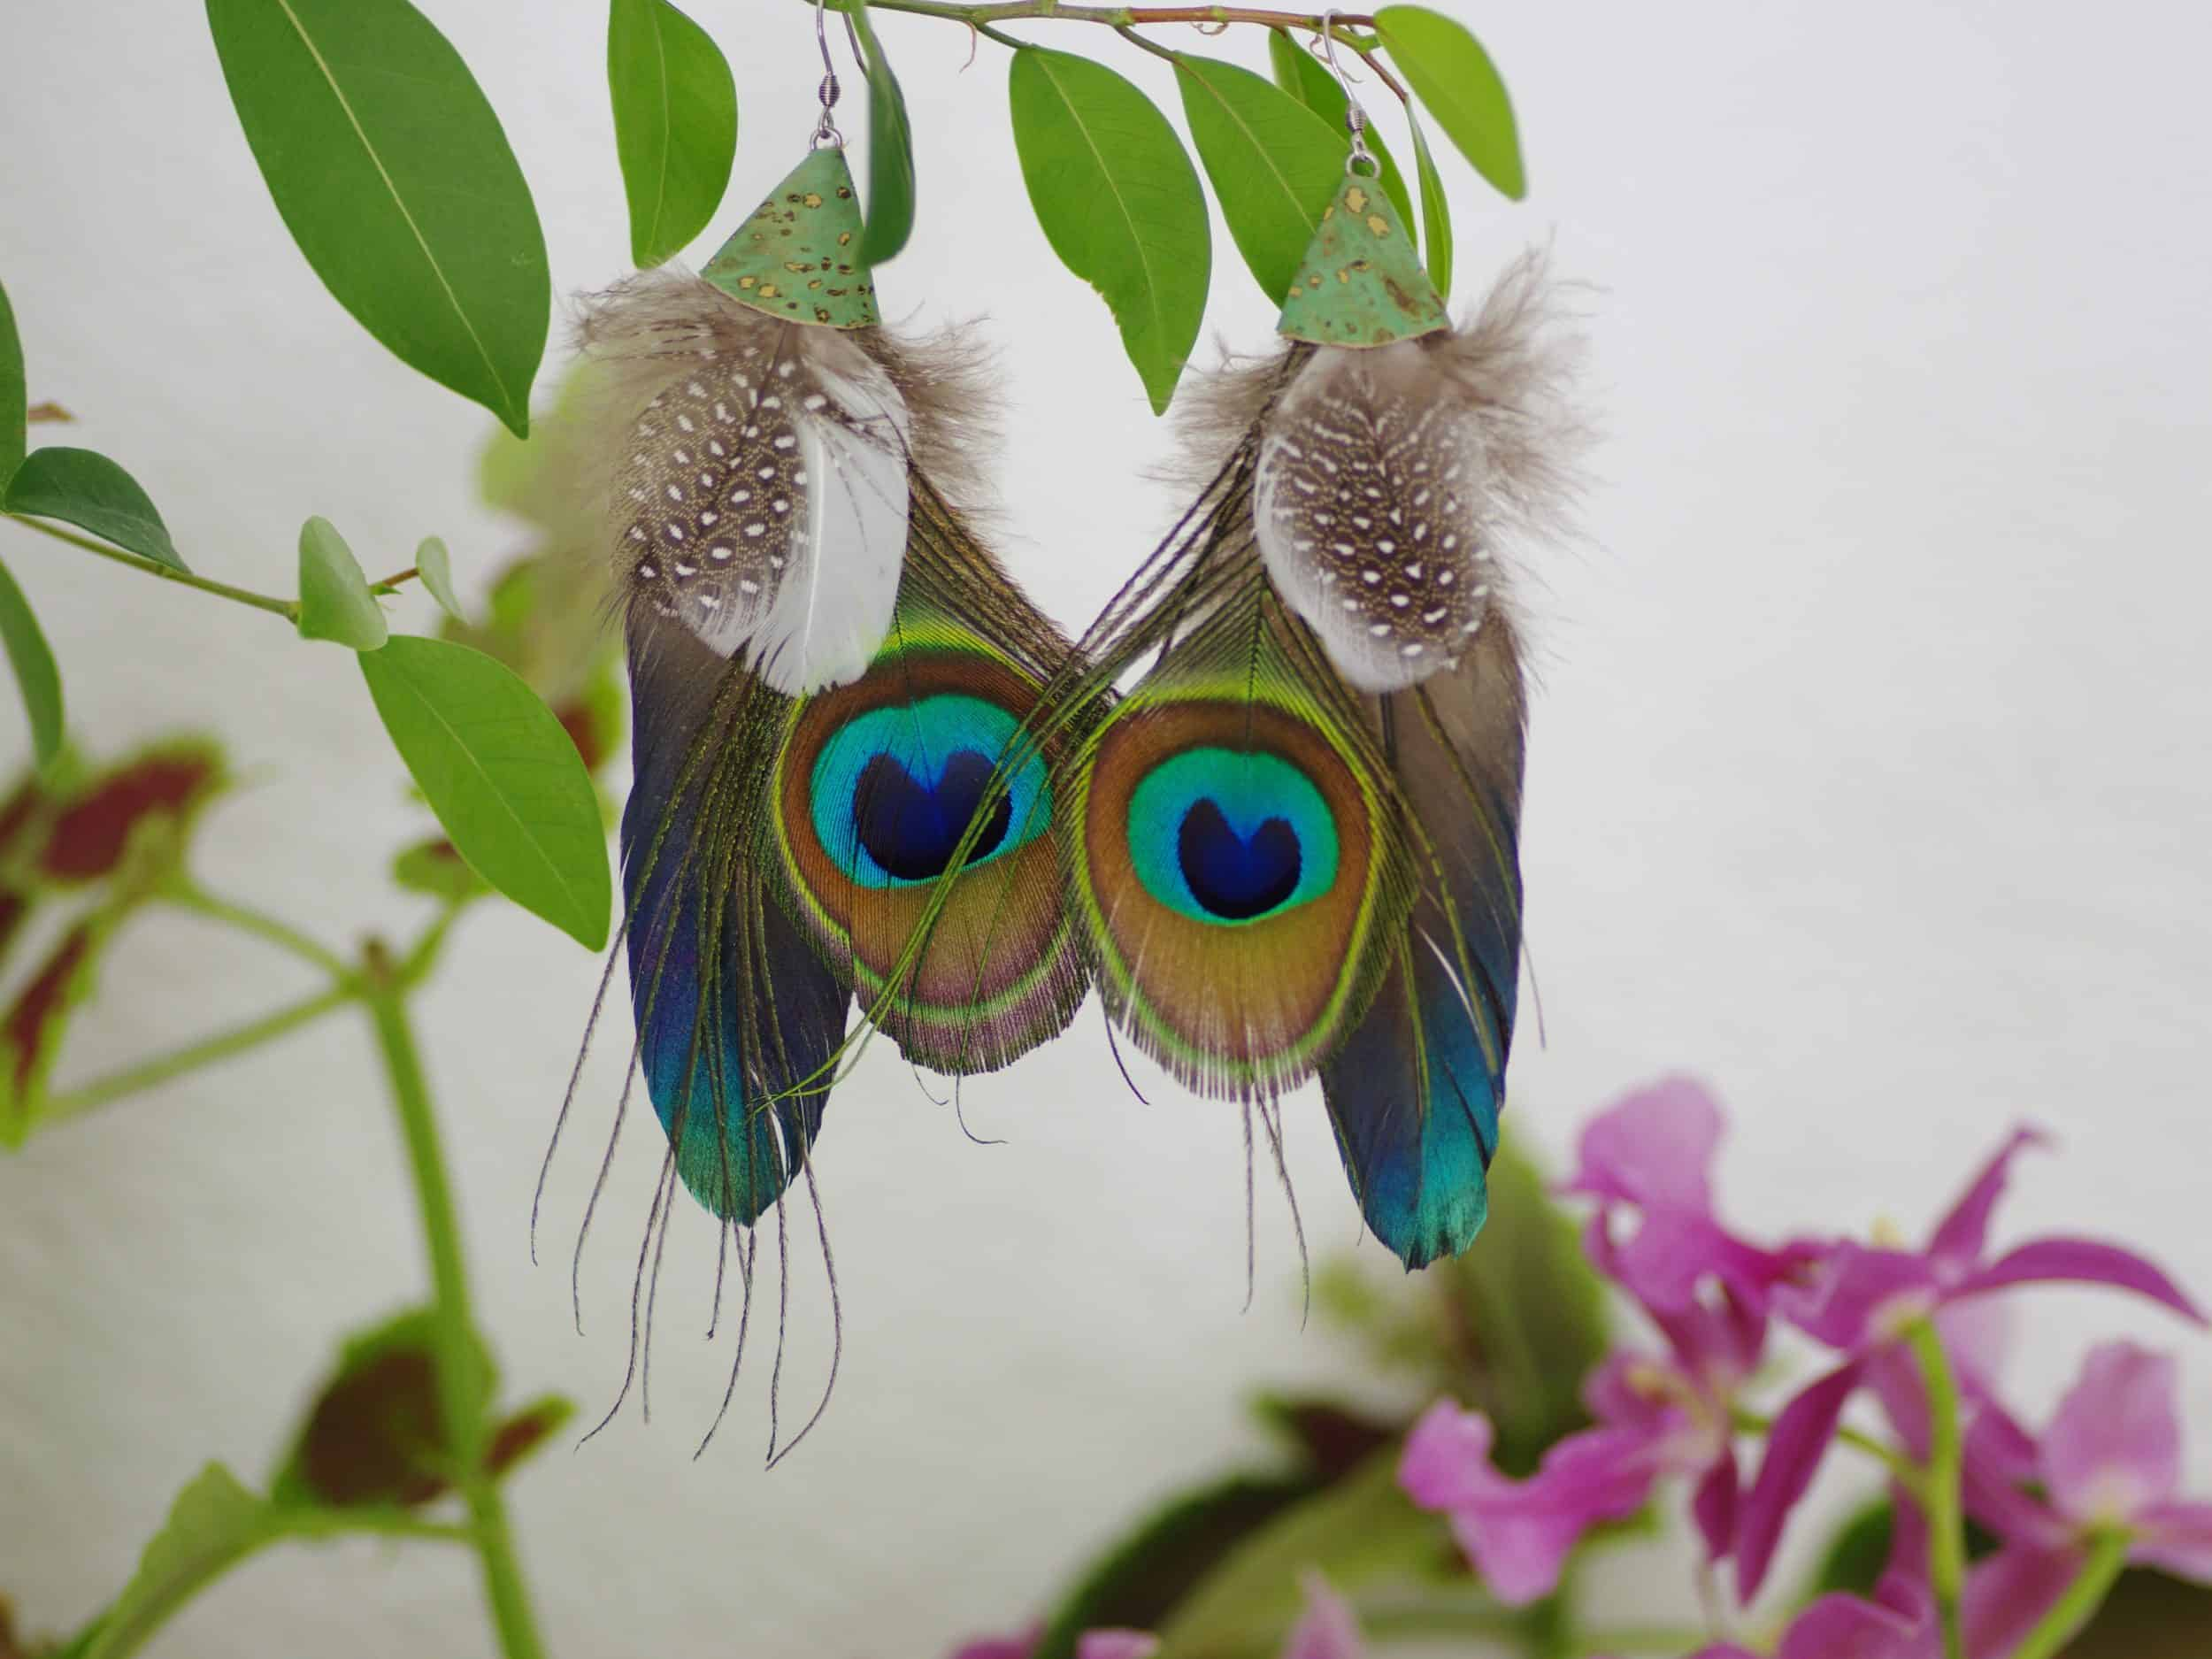 grandes boucles d'oreilles au style ethnique: composition avec oeil de paon associé à une grande plume bleue et des plumes blac et gris à pois blancs